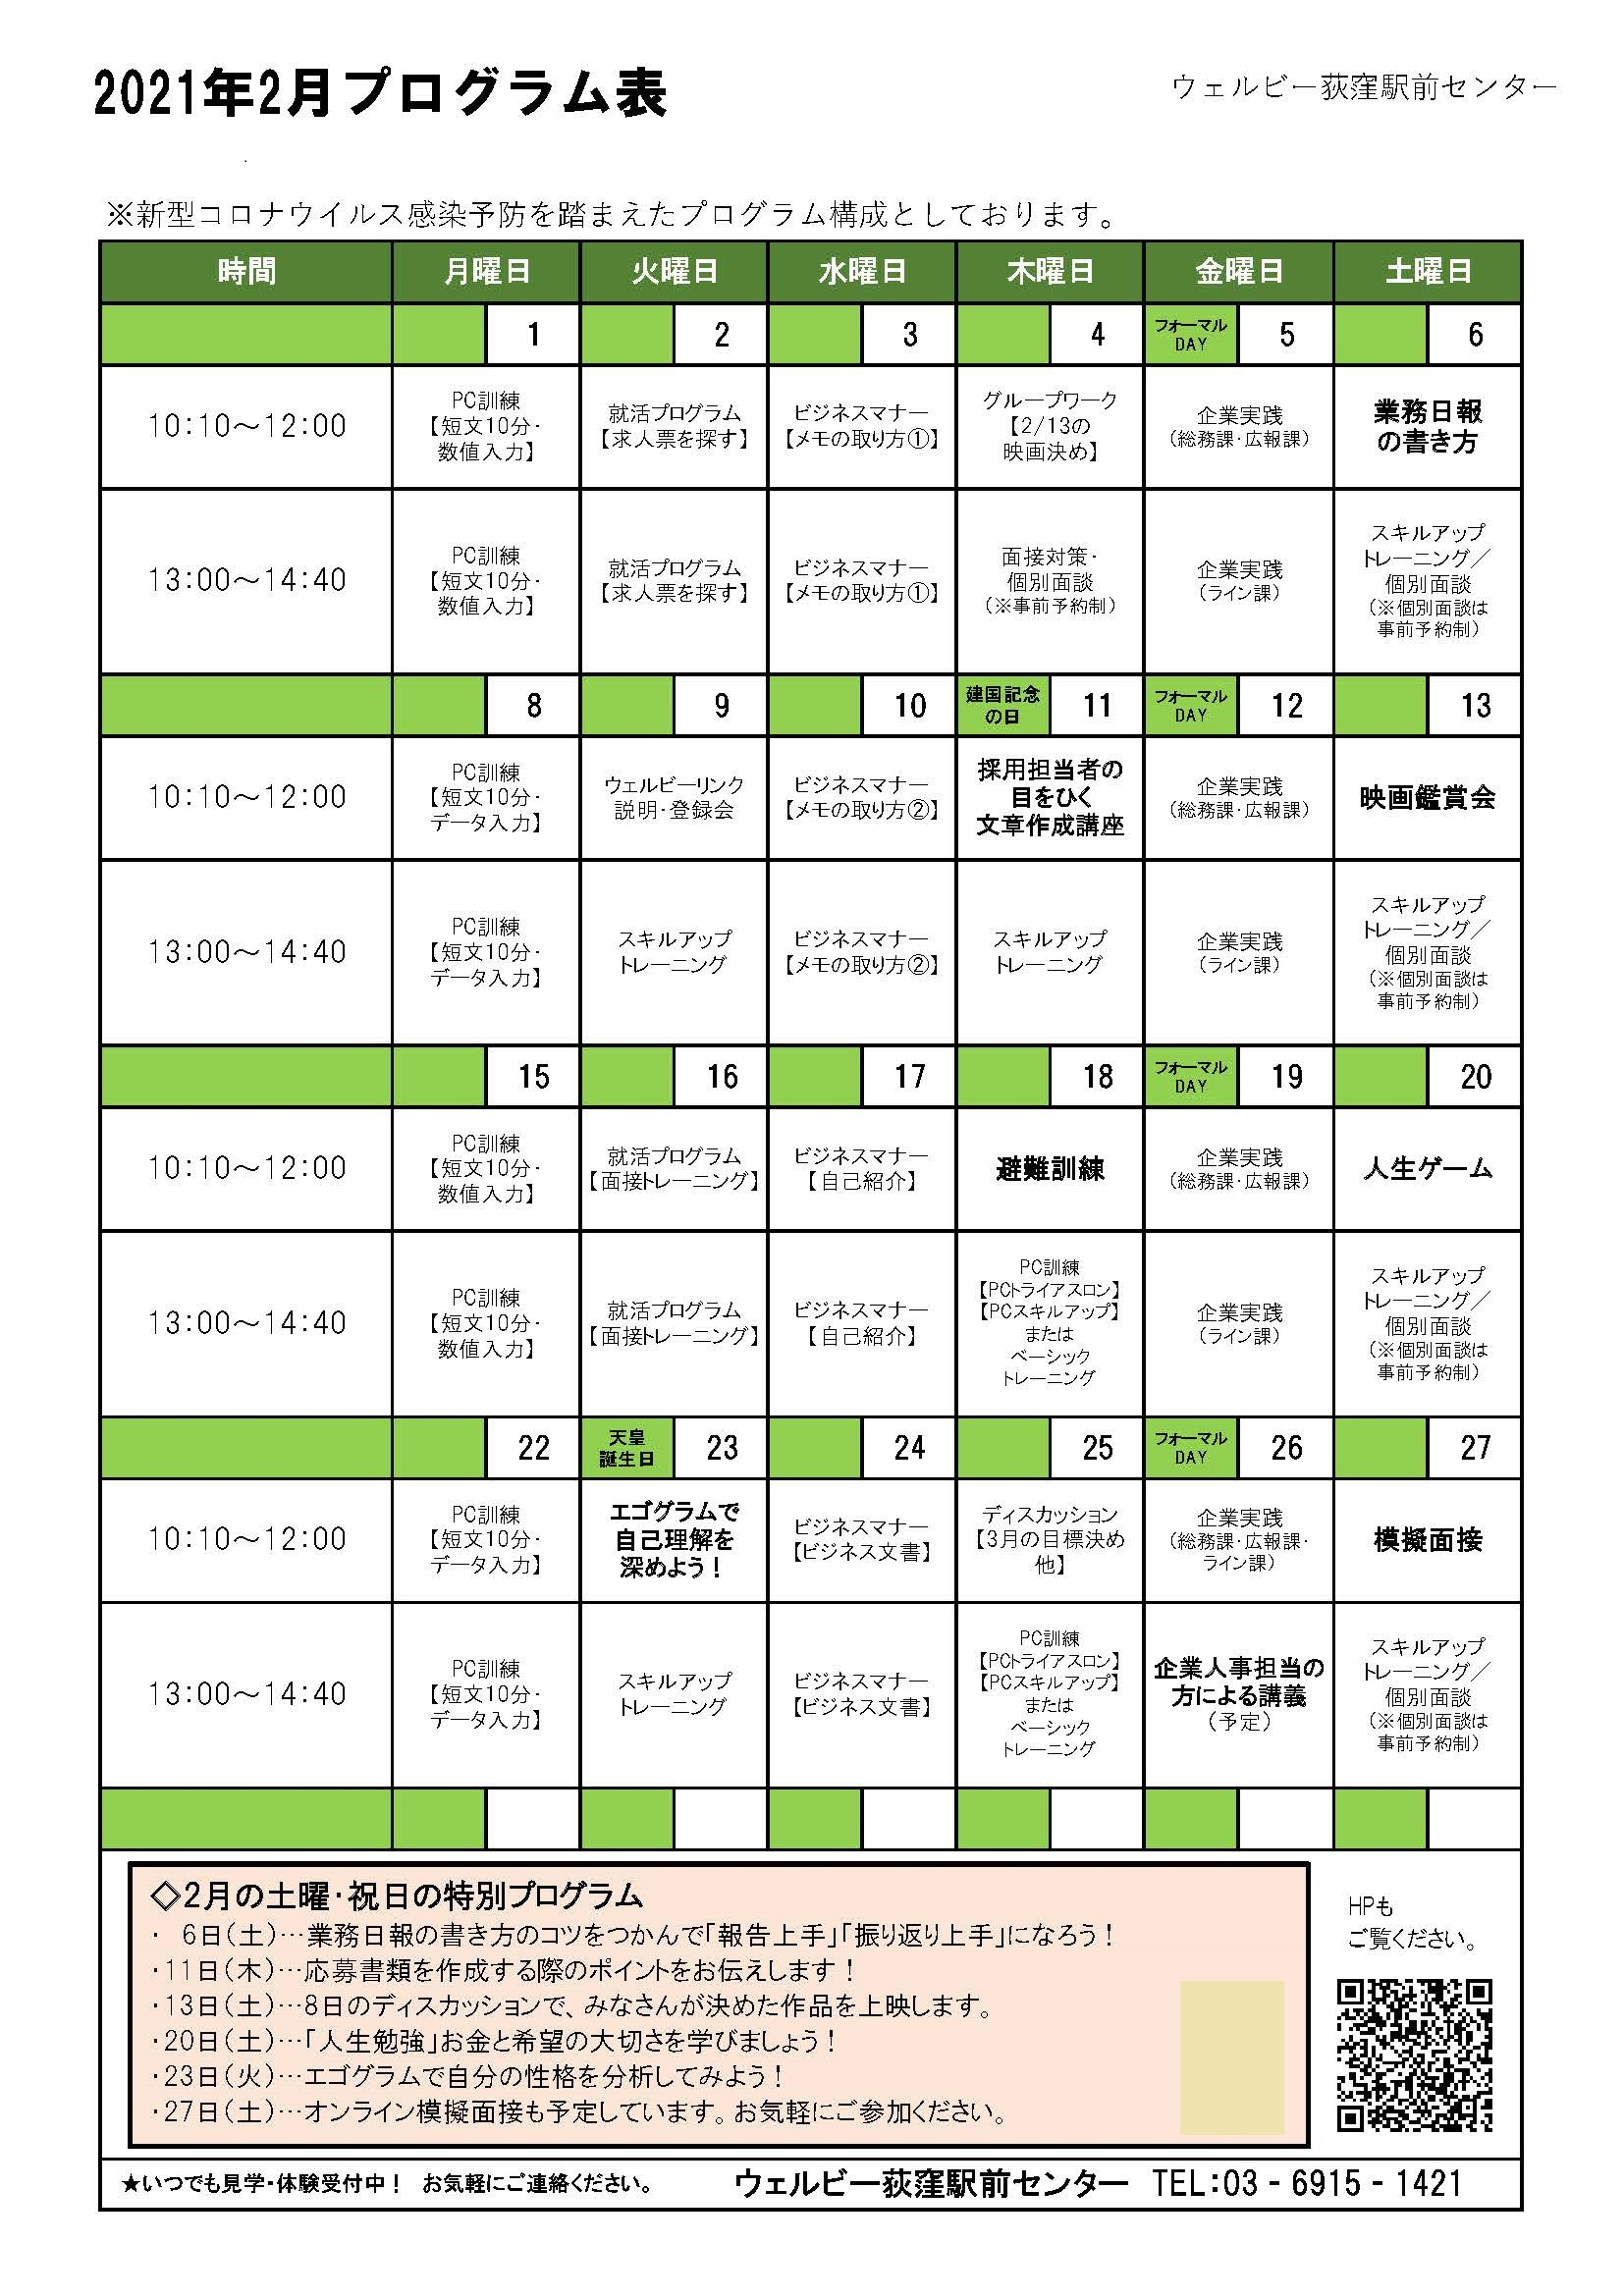 荻窪駅前センター2021年2月プログラム表